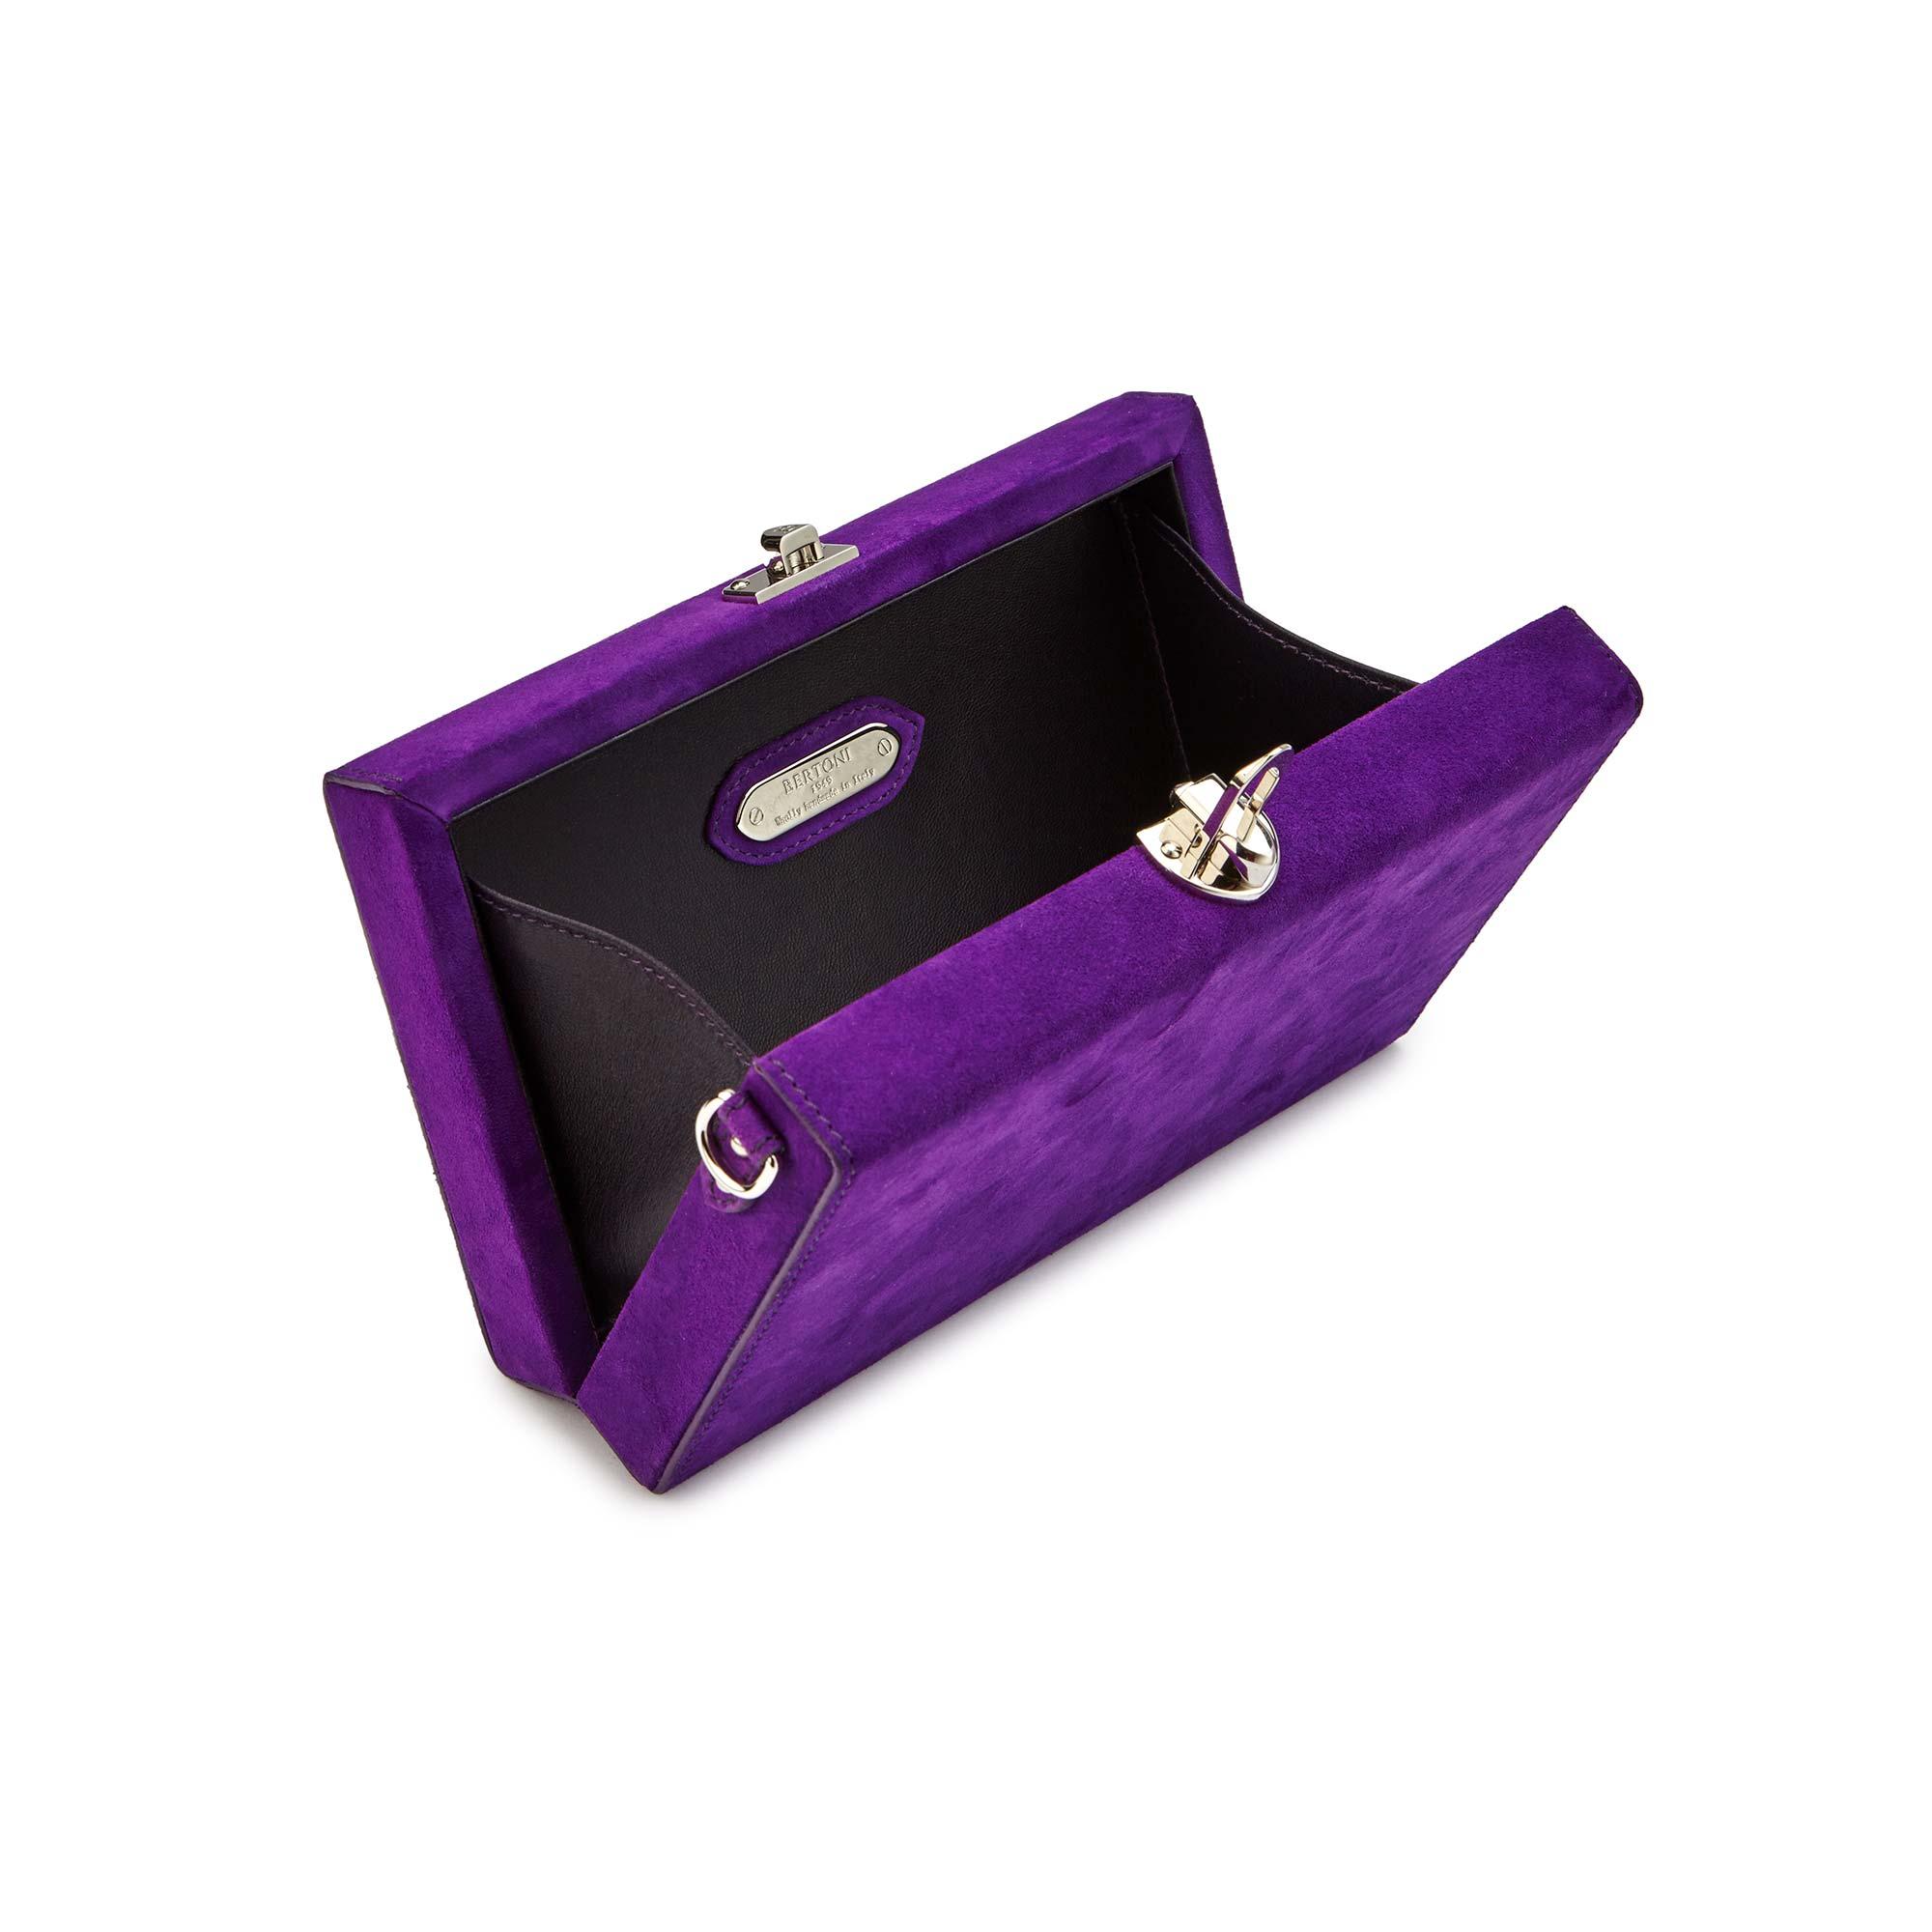 Box-Bertoncina-purple-suede-bag-Bertoni-1949_03